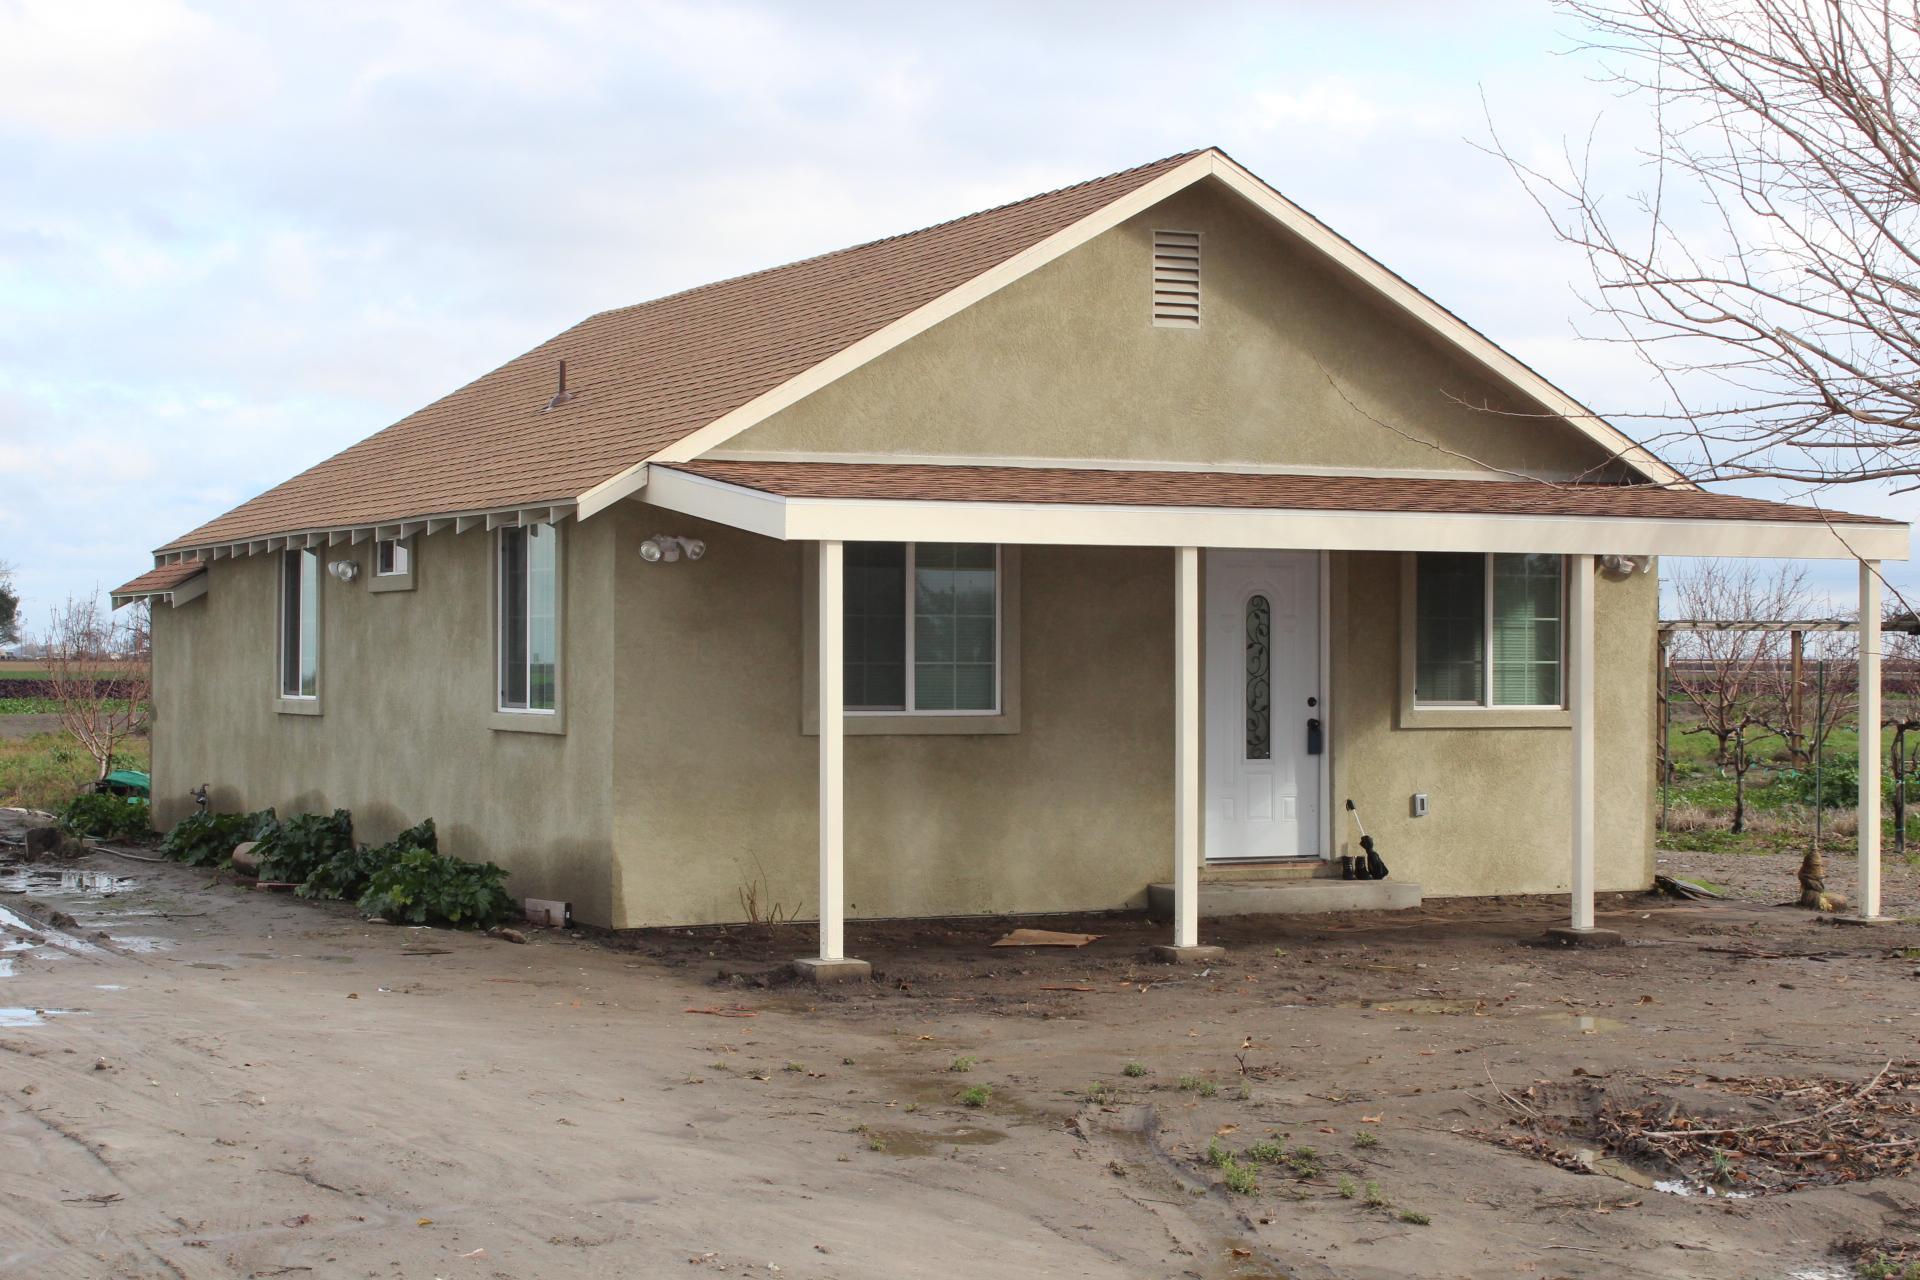 17122 Galvez Ave., Dos Palos, California 93620